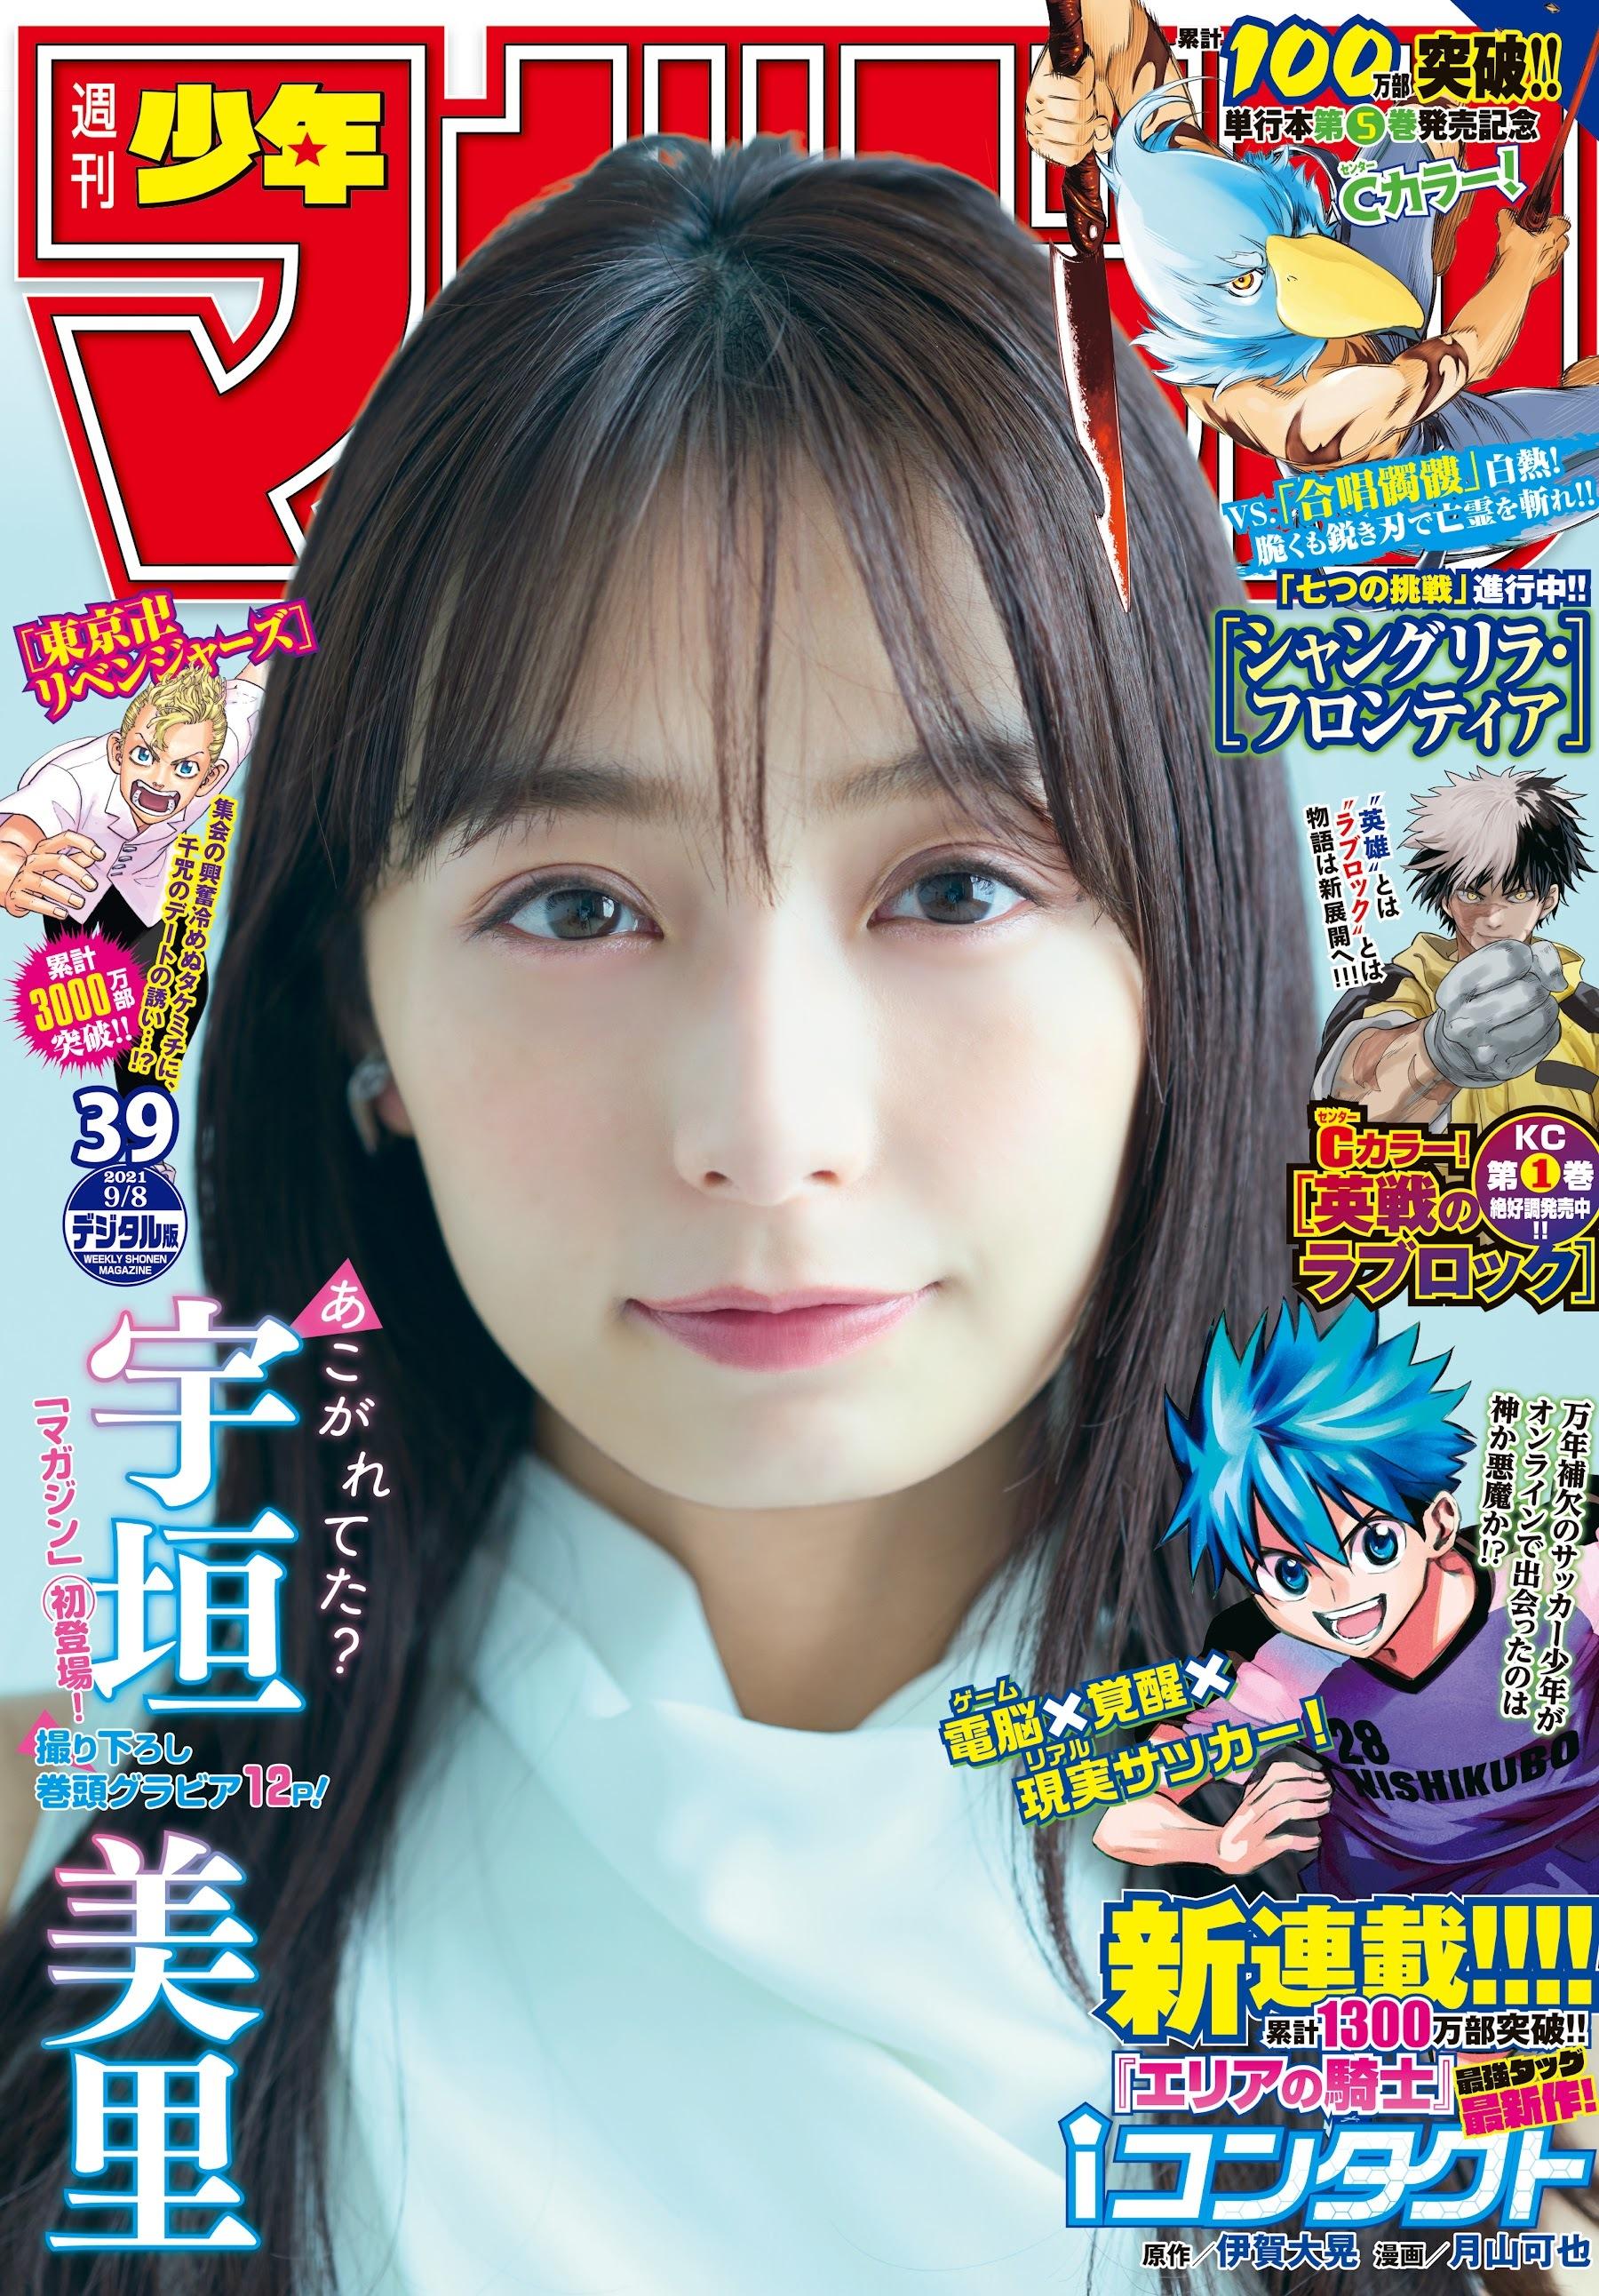 宇垣美里-少年Magazine2021年第三十八期